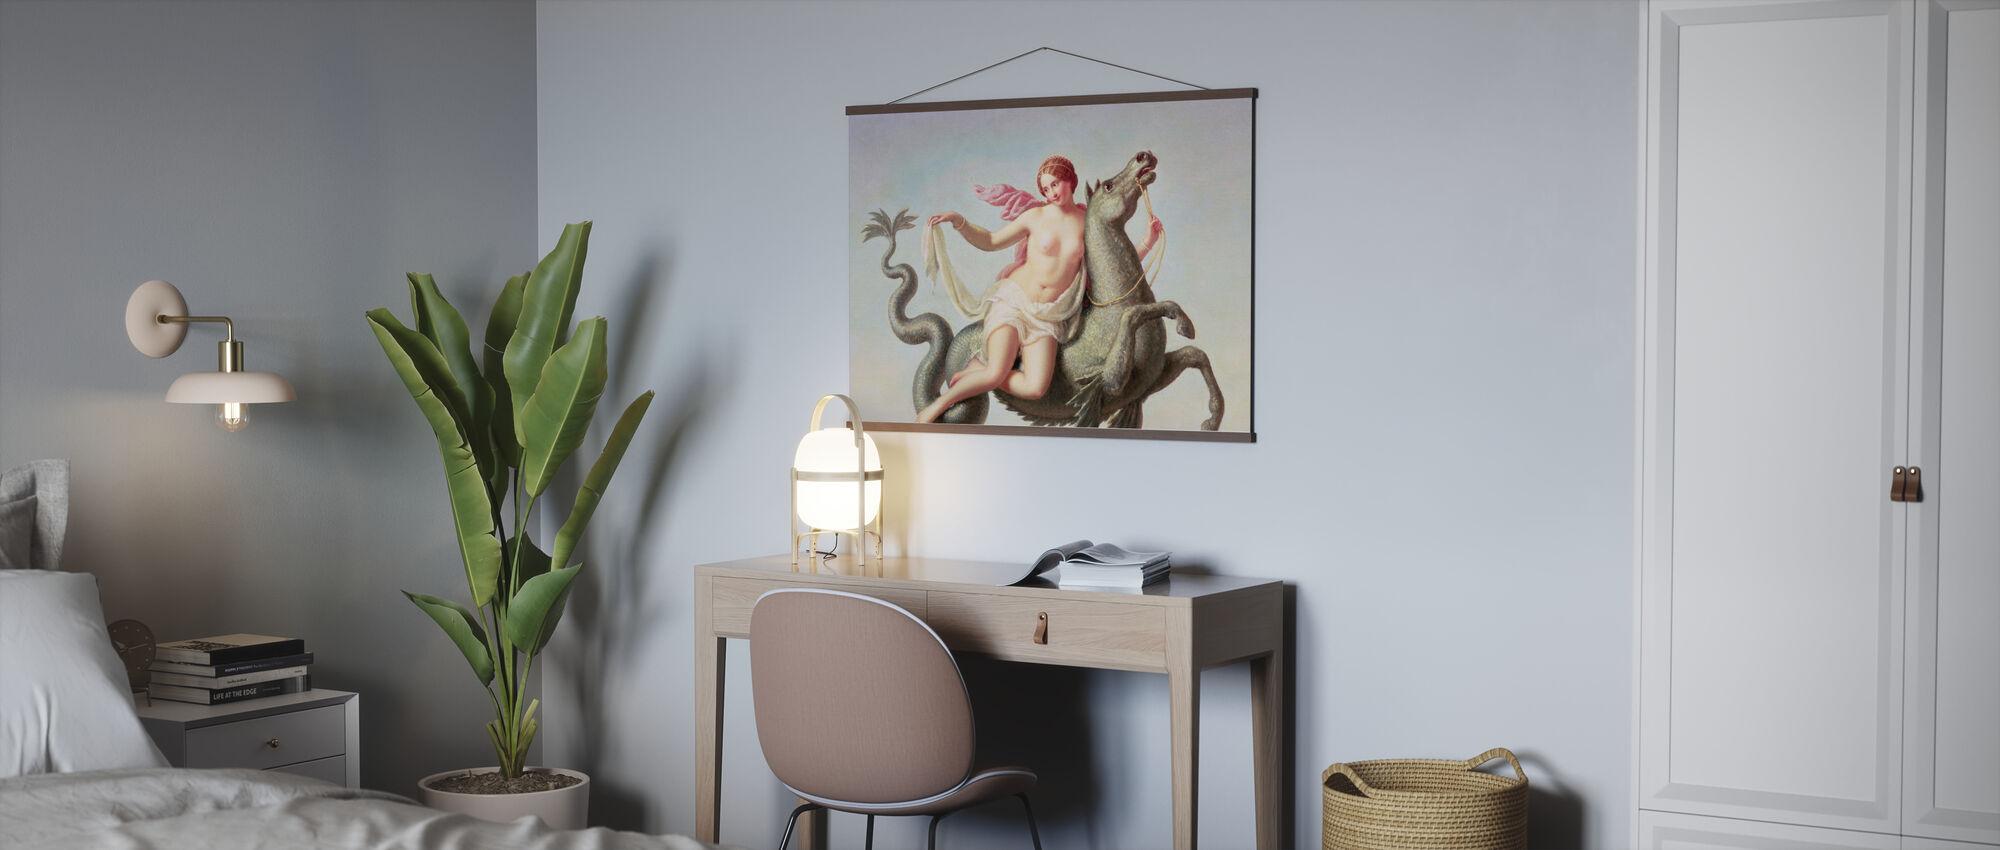 Escape of Galatea - Michelangelo Maestri - Poster - Office